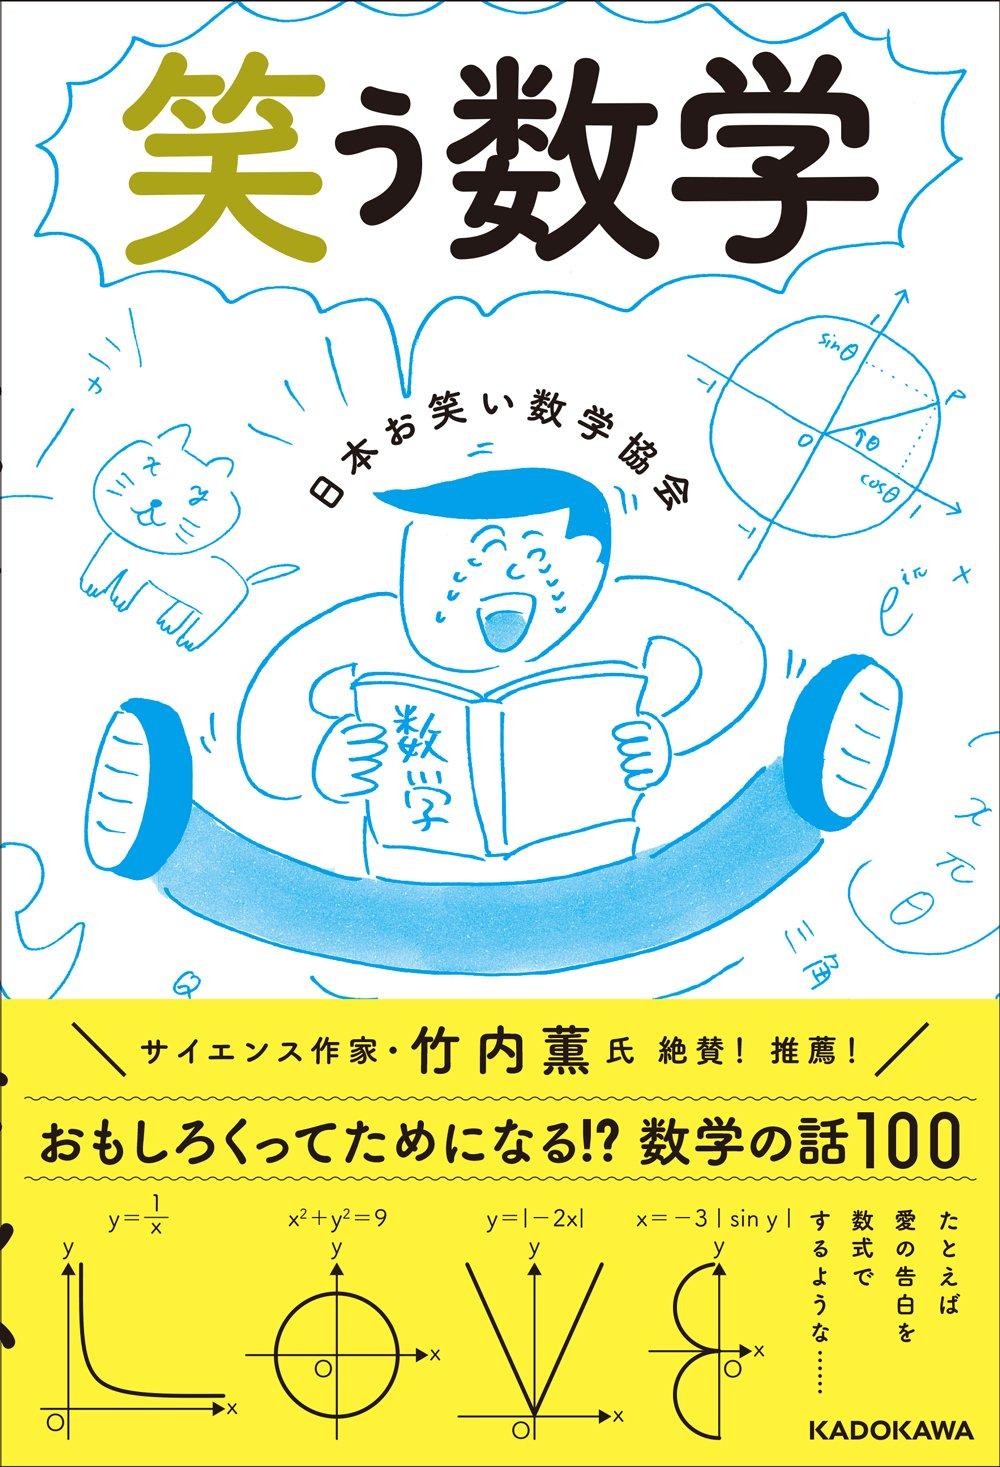 日本お笑い数学協会 笑う数学